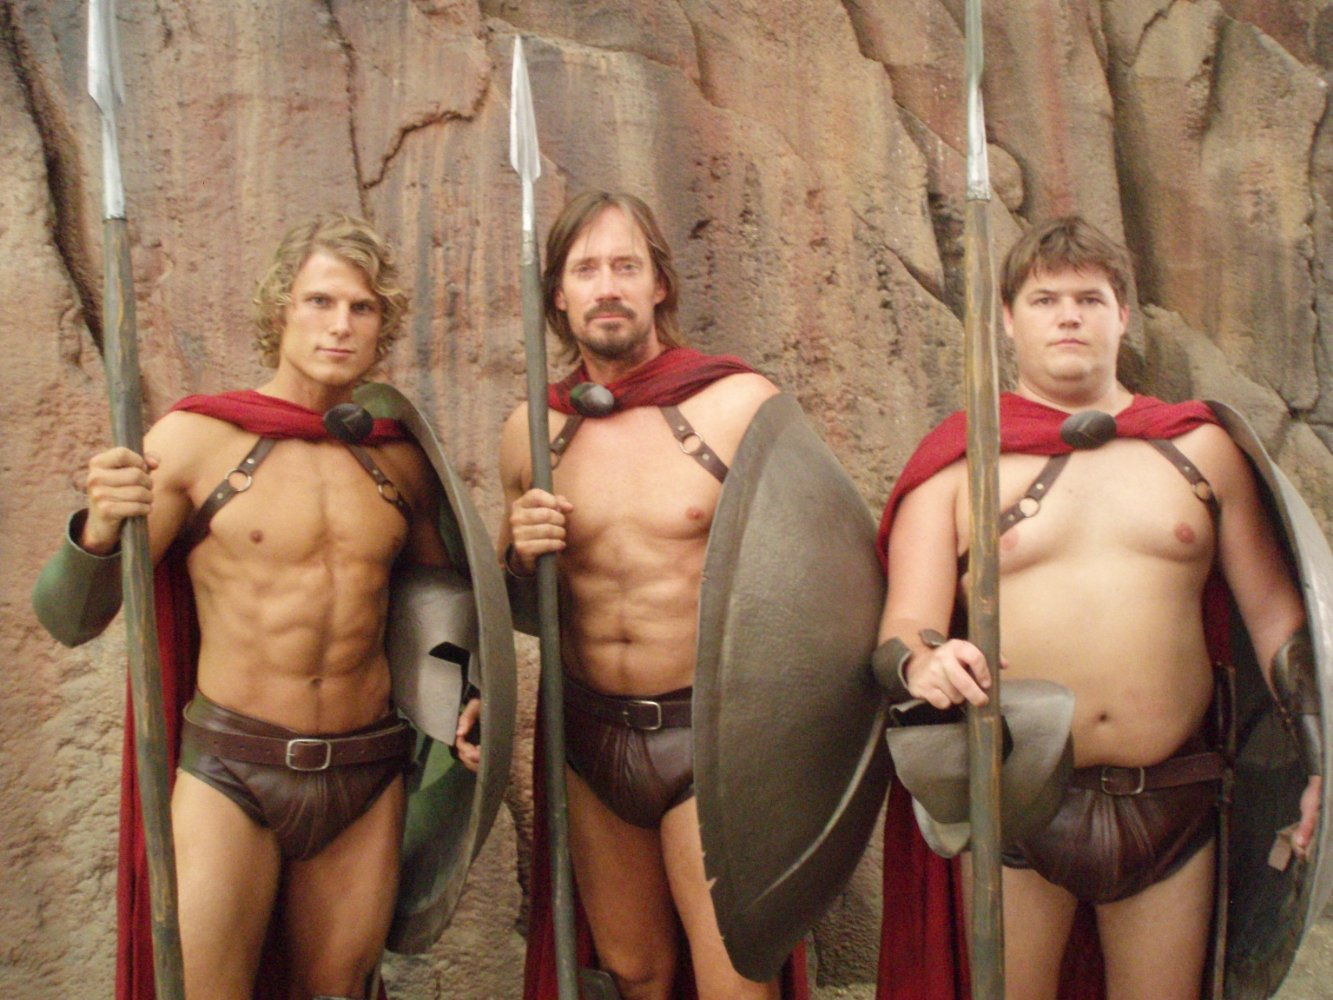 фото со спартанцами том, что сам